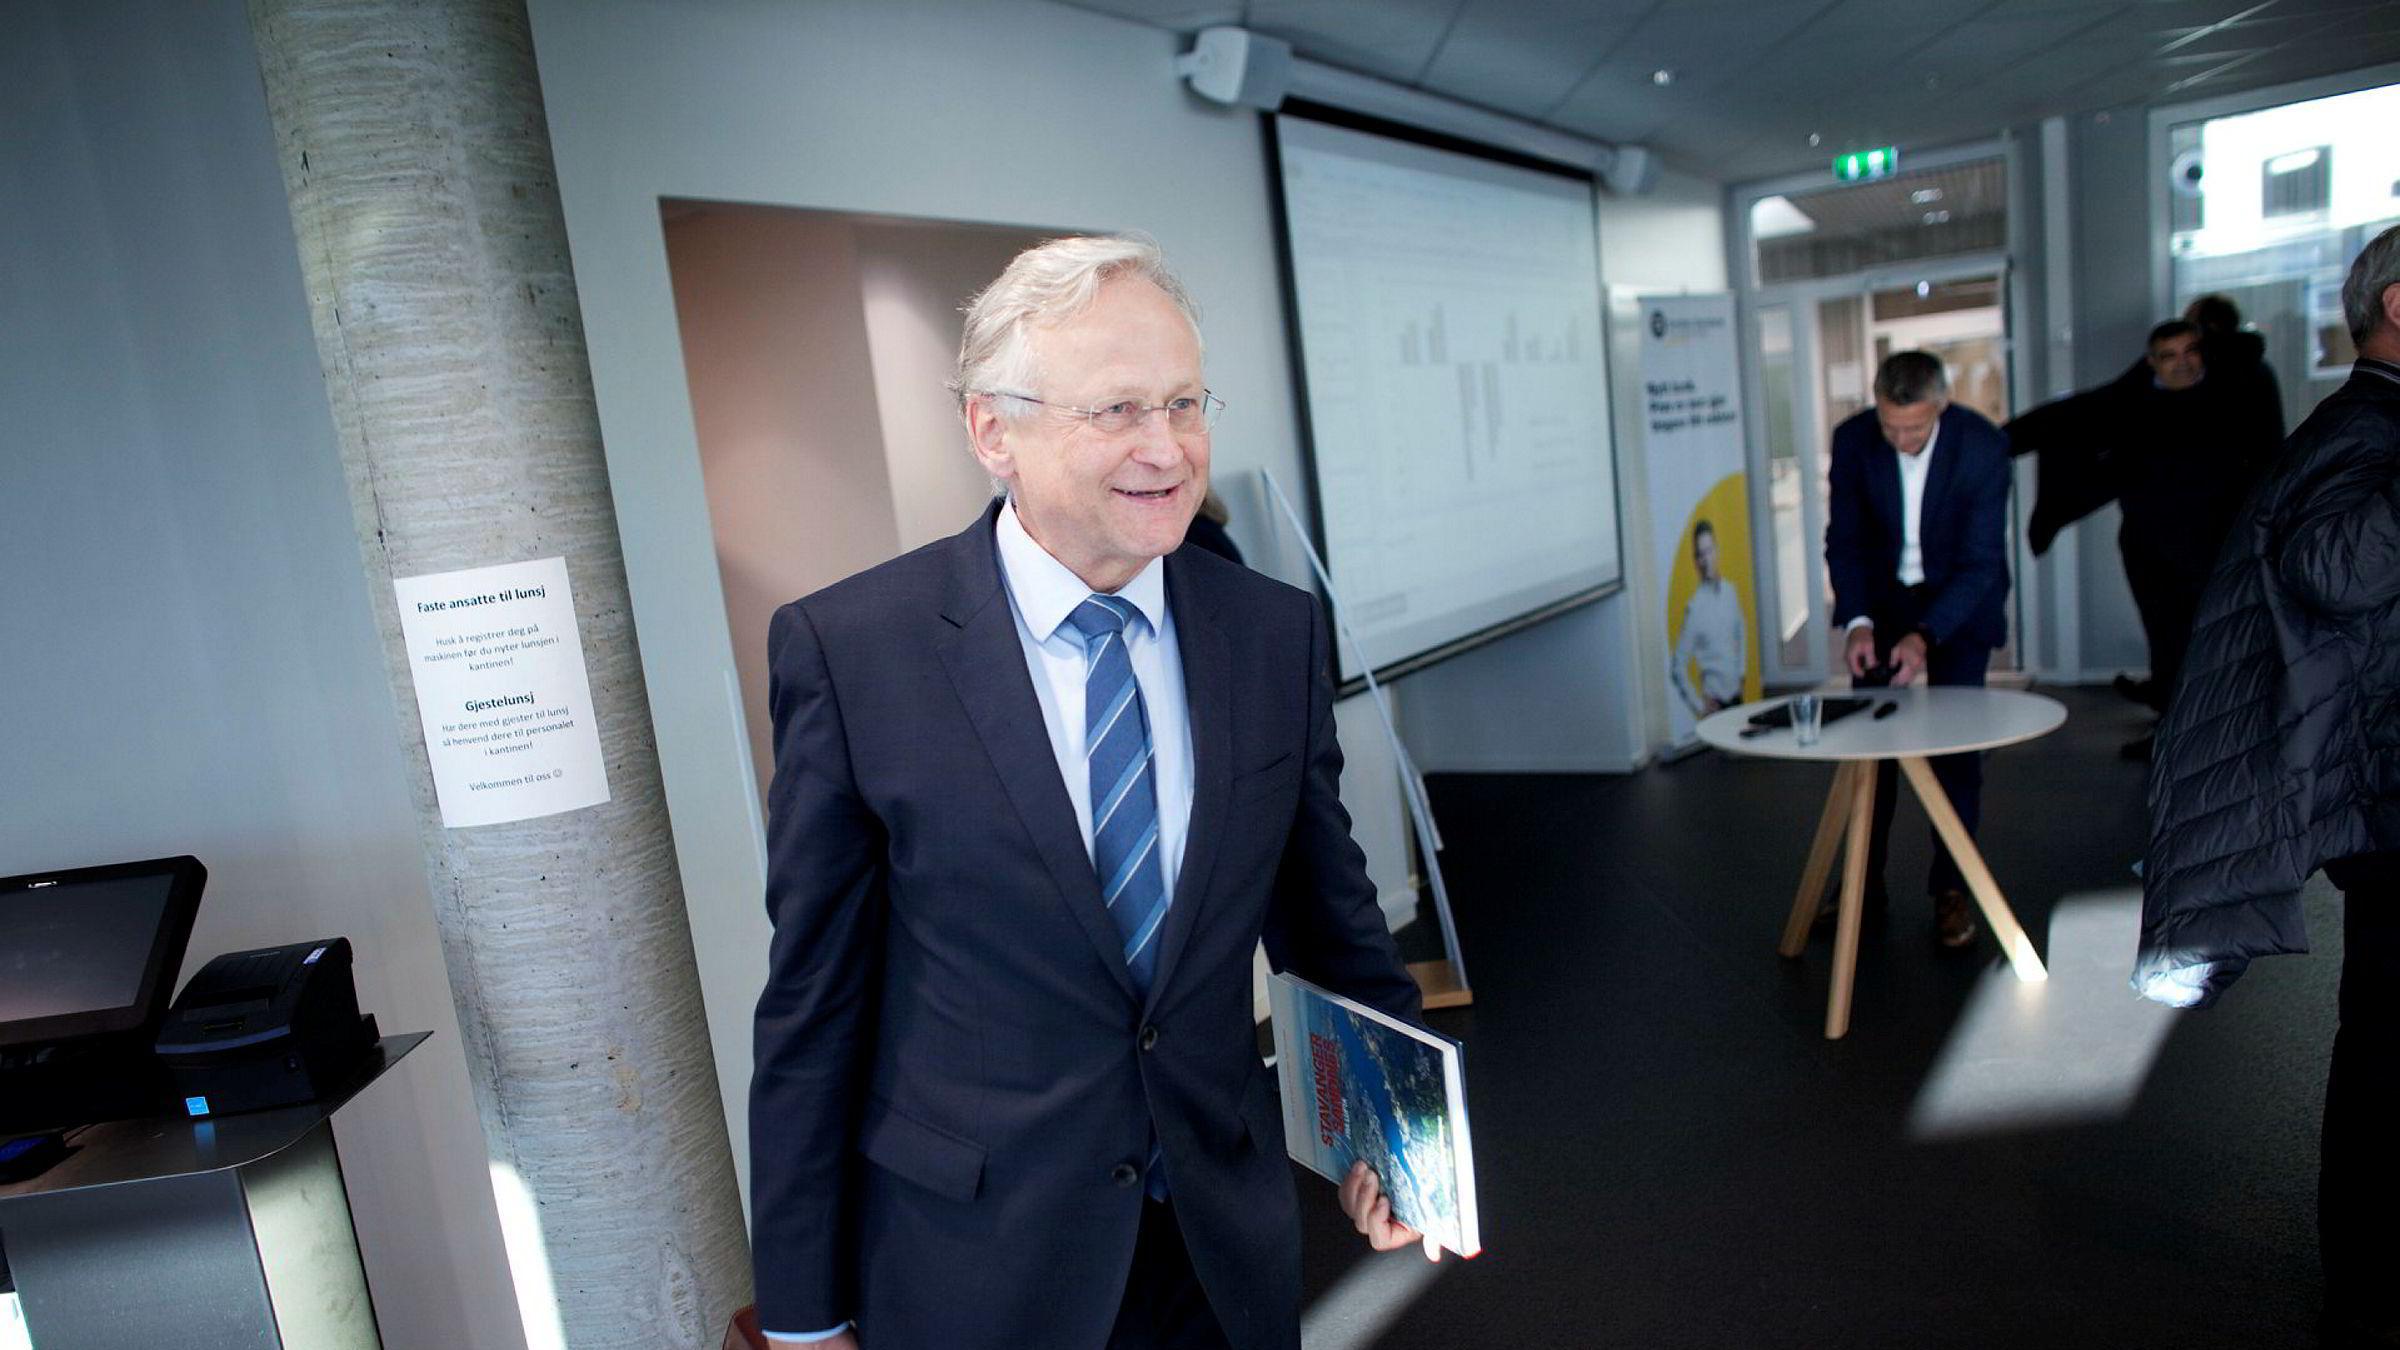 Gjedrem-utvalget, ledet av Svein Gjedrem (bildet), anbefalte at forvaltningen av Statens pensjonsfond utland skulle flyttes ut av banken og organiseres som et særlovsselskap med eget styre.